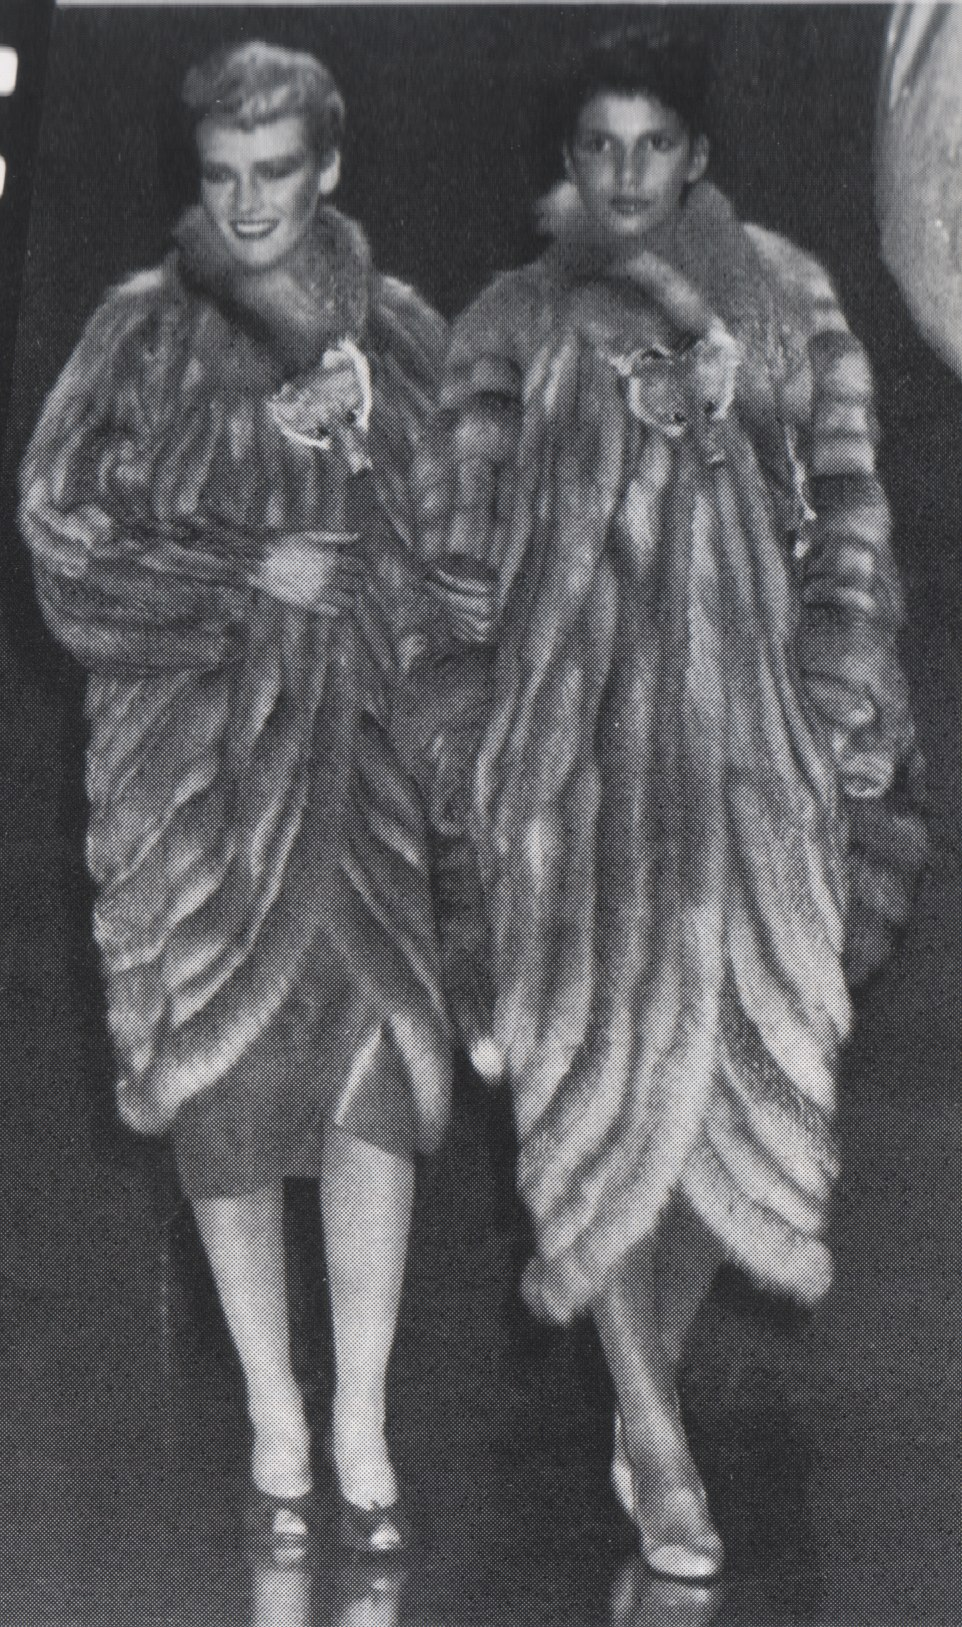 Fox coats, Germany, 1979